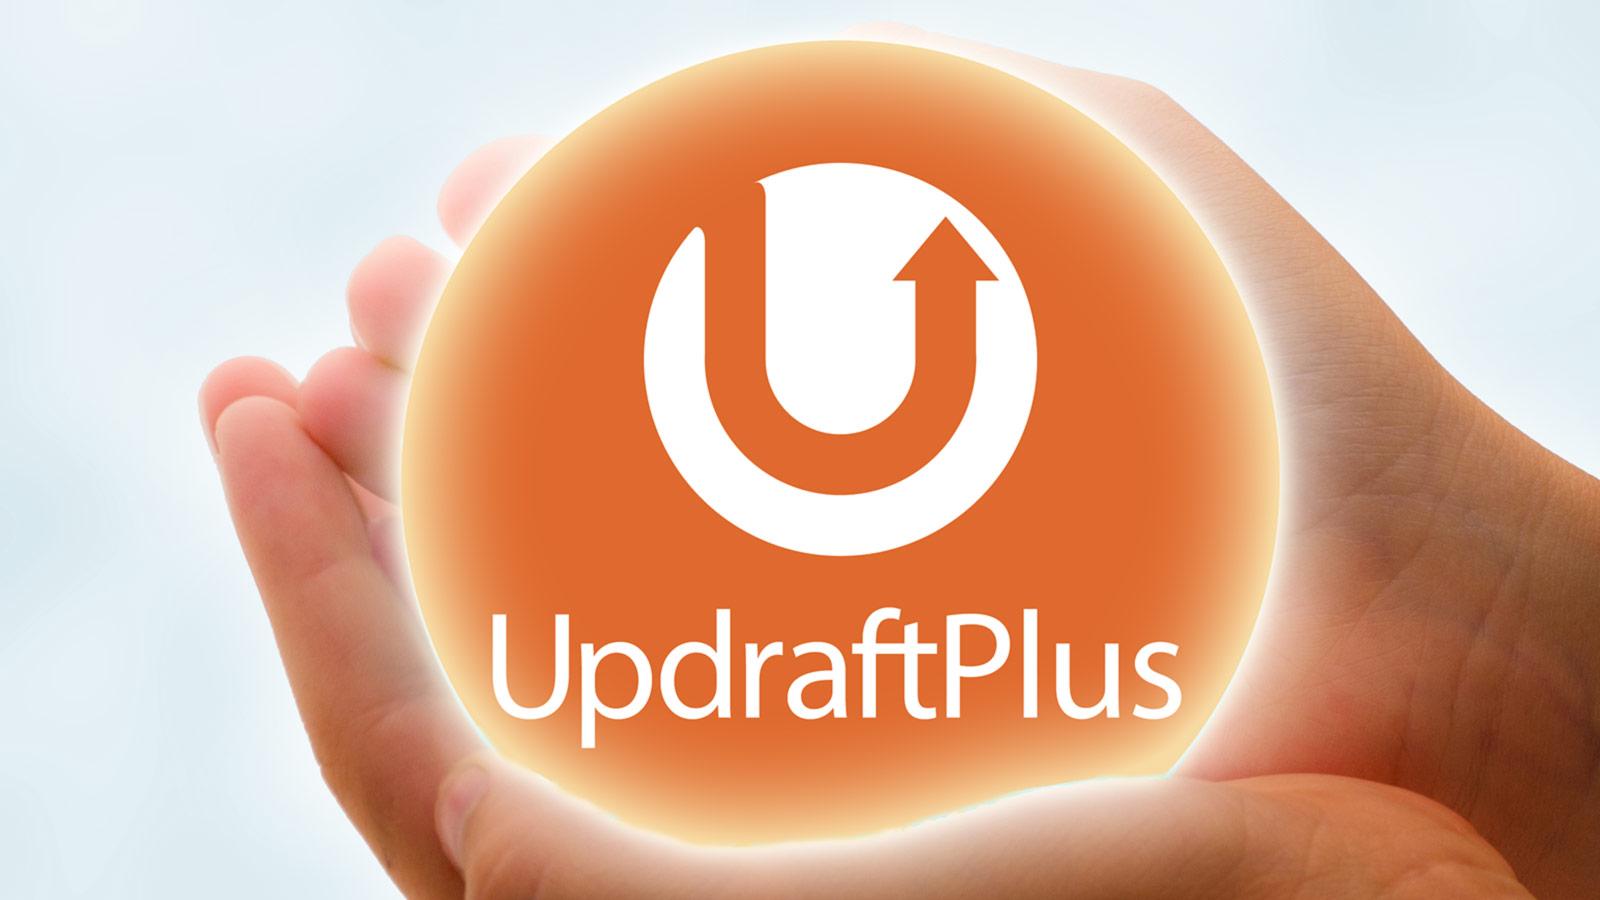 UpdraftPlus tutorial